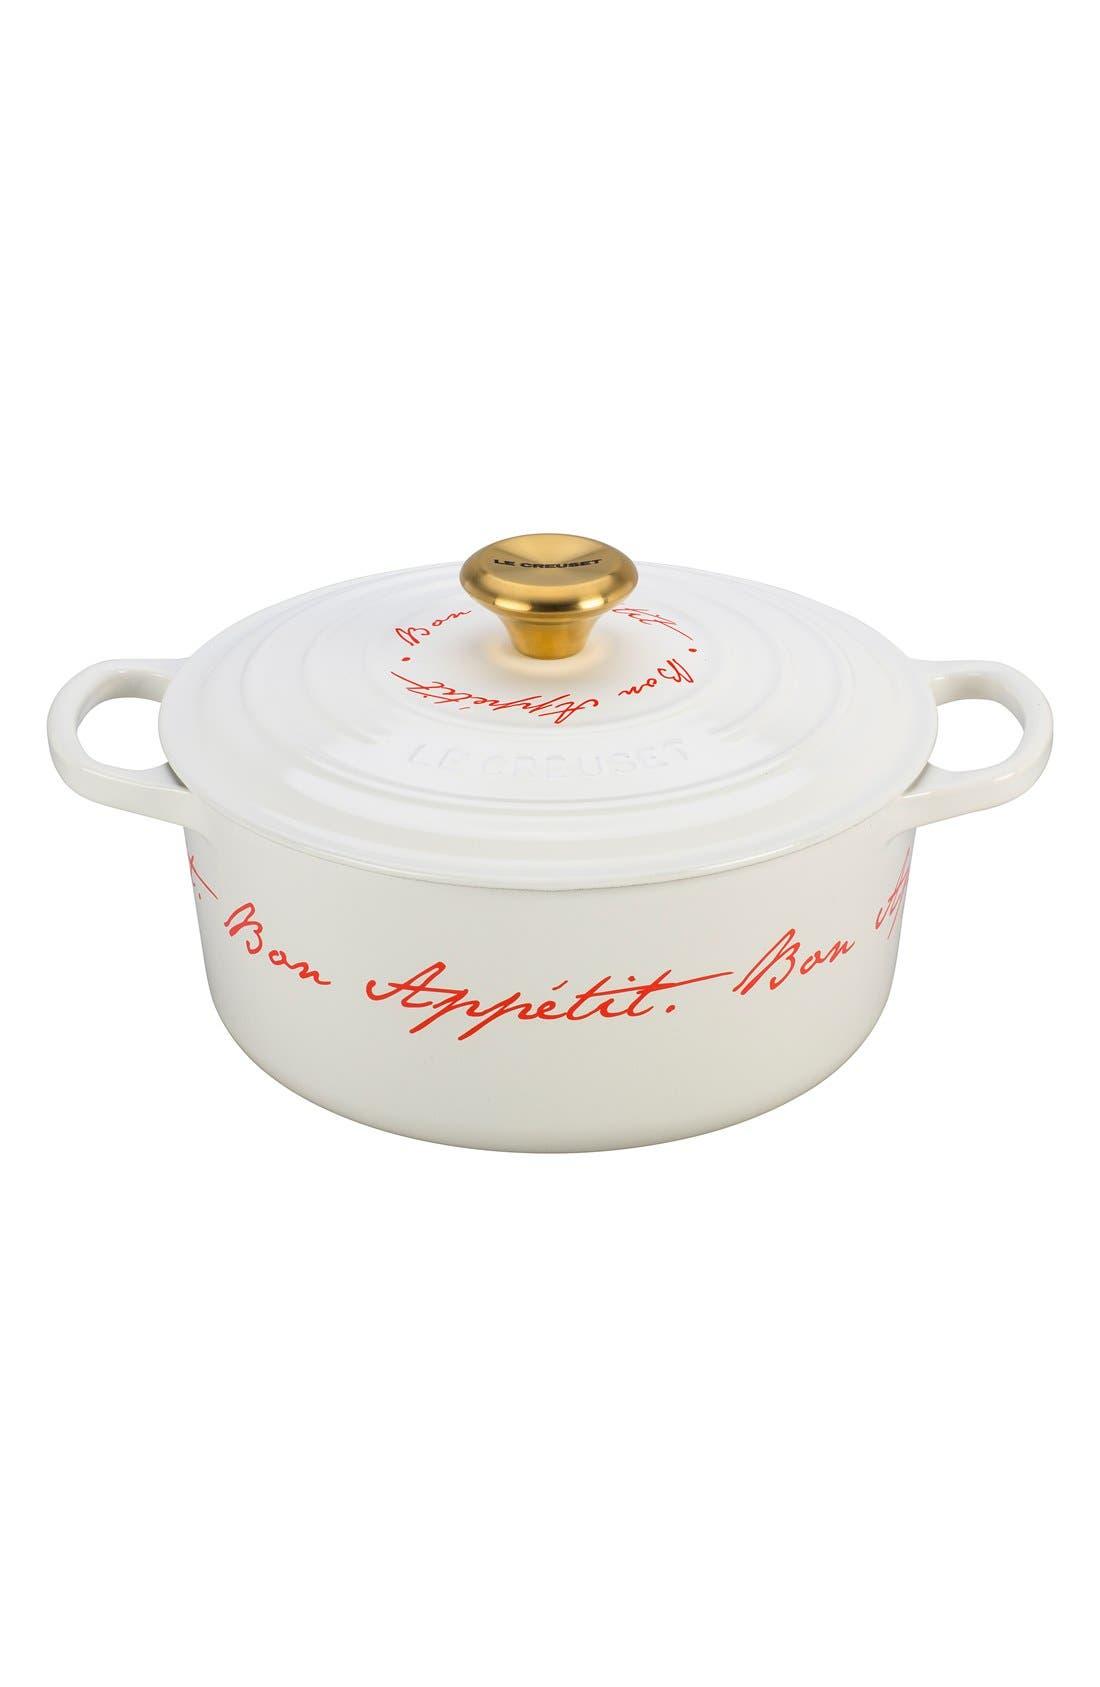 'Bon Appétit - Gold Knob' 4 1/2 Quart Round Enamel Cast Iron French/Dutch Oven,                             Main thumbnail 1, color,                             White